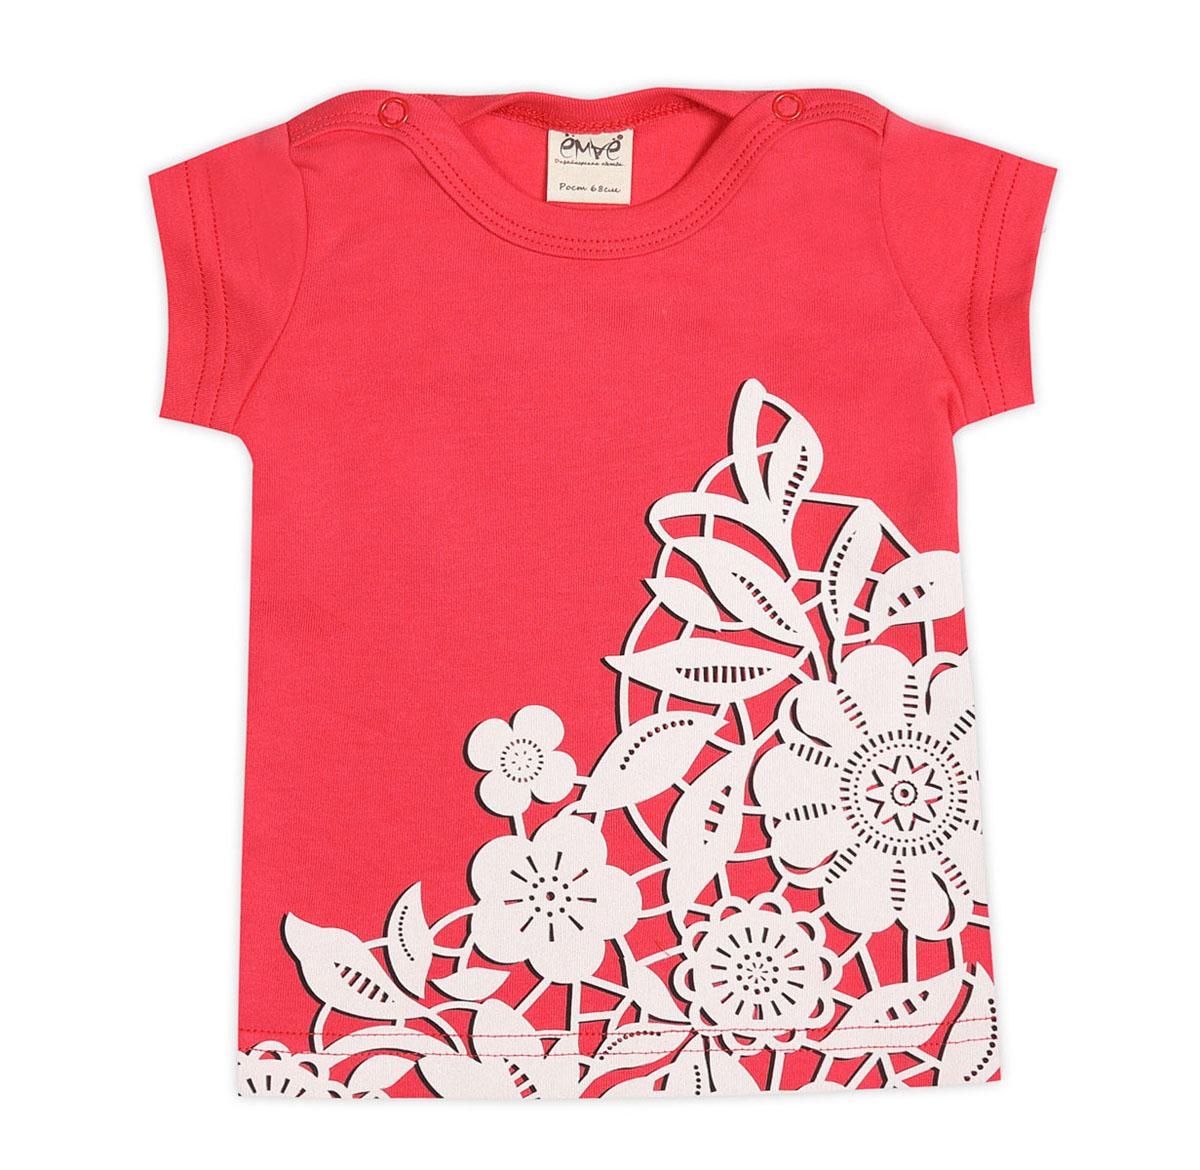 Футболка для девочки. 27-21927-219Красивая футболка для девочки Ёмаё идеально подойдет вашему ребенку. Изготовленная из натурального хлопка, она мягкая и приятная на ощупь, не сковывает движения и позволяет коже дышать, обеспечивая комфорт. Футболка с круглым вырезом горловины и короткими рукавами имеет удобные застежки-кнопки по плечевым швам, что помогает при переодевании ребенка. Модель оформлена принтом, имитирующем кружево. Современный дизайн и расцветка делают эту футболку модным предметом детского гардероба. В ней маленькая принцесса всегда будет в центре внимания!